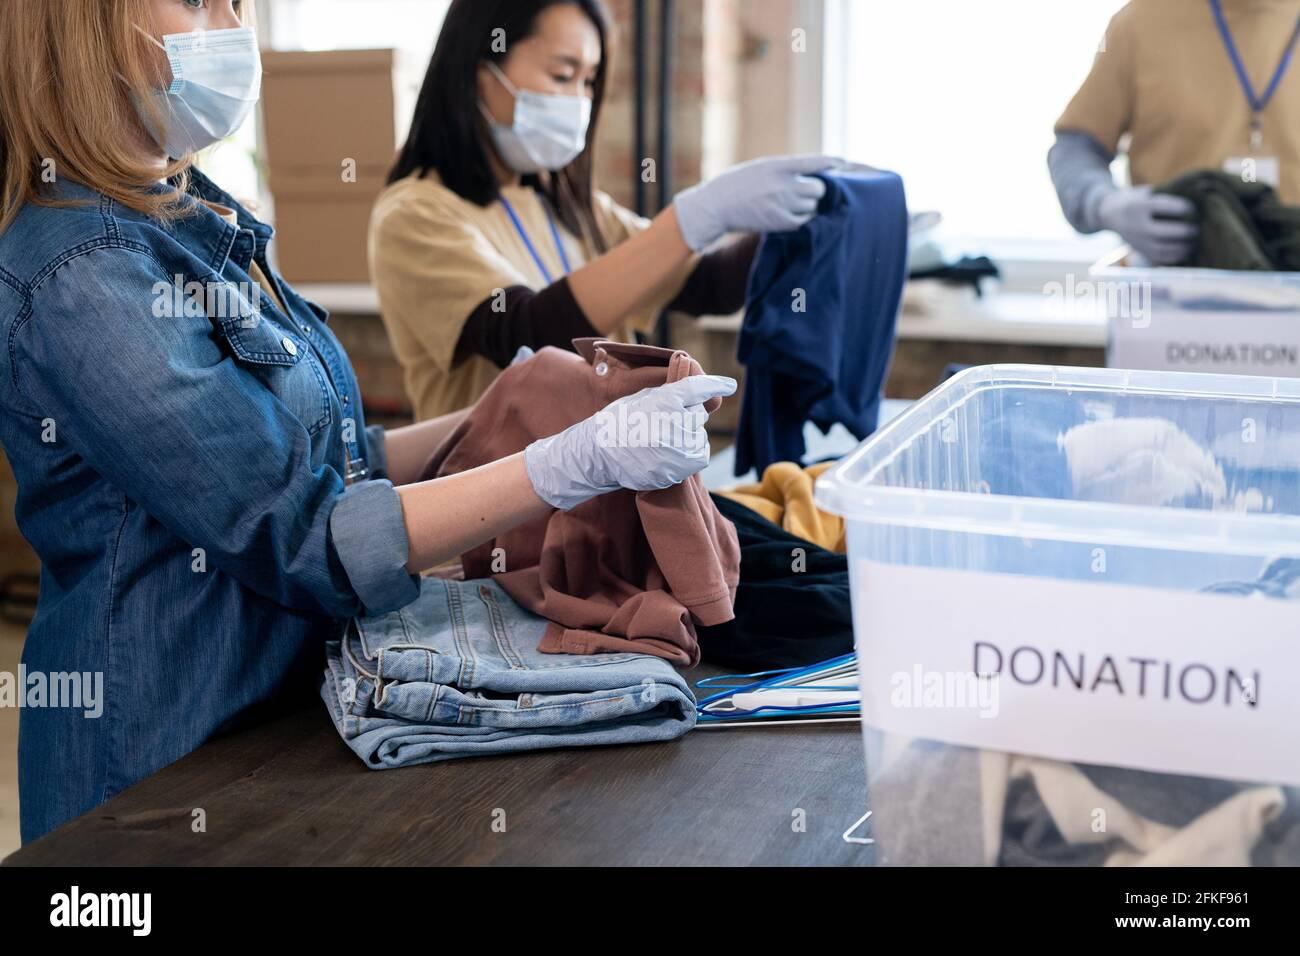 Jeune femme en gants et masque dépliante t-shirt sur la table Banque D'Images